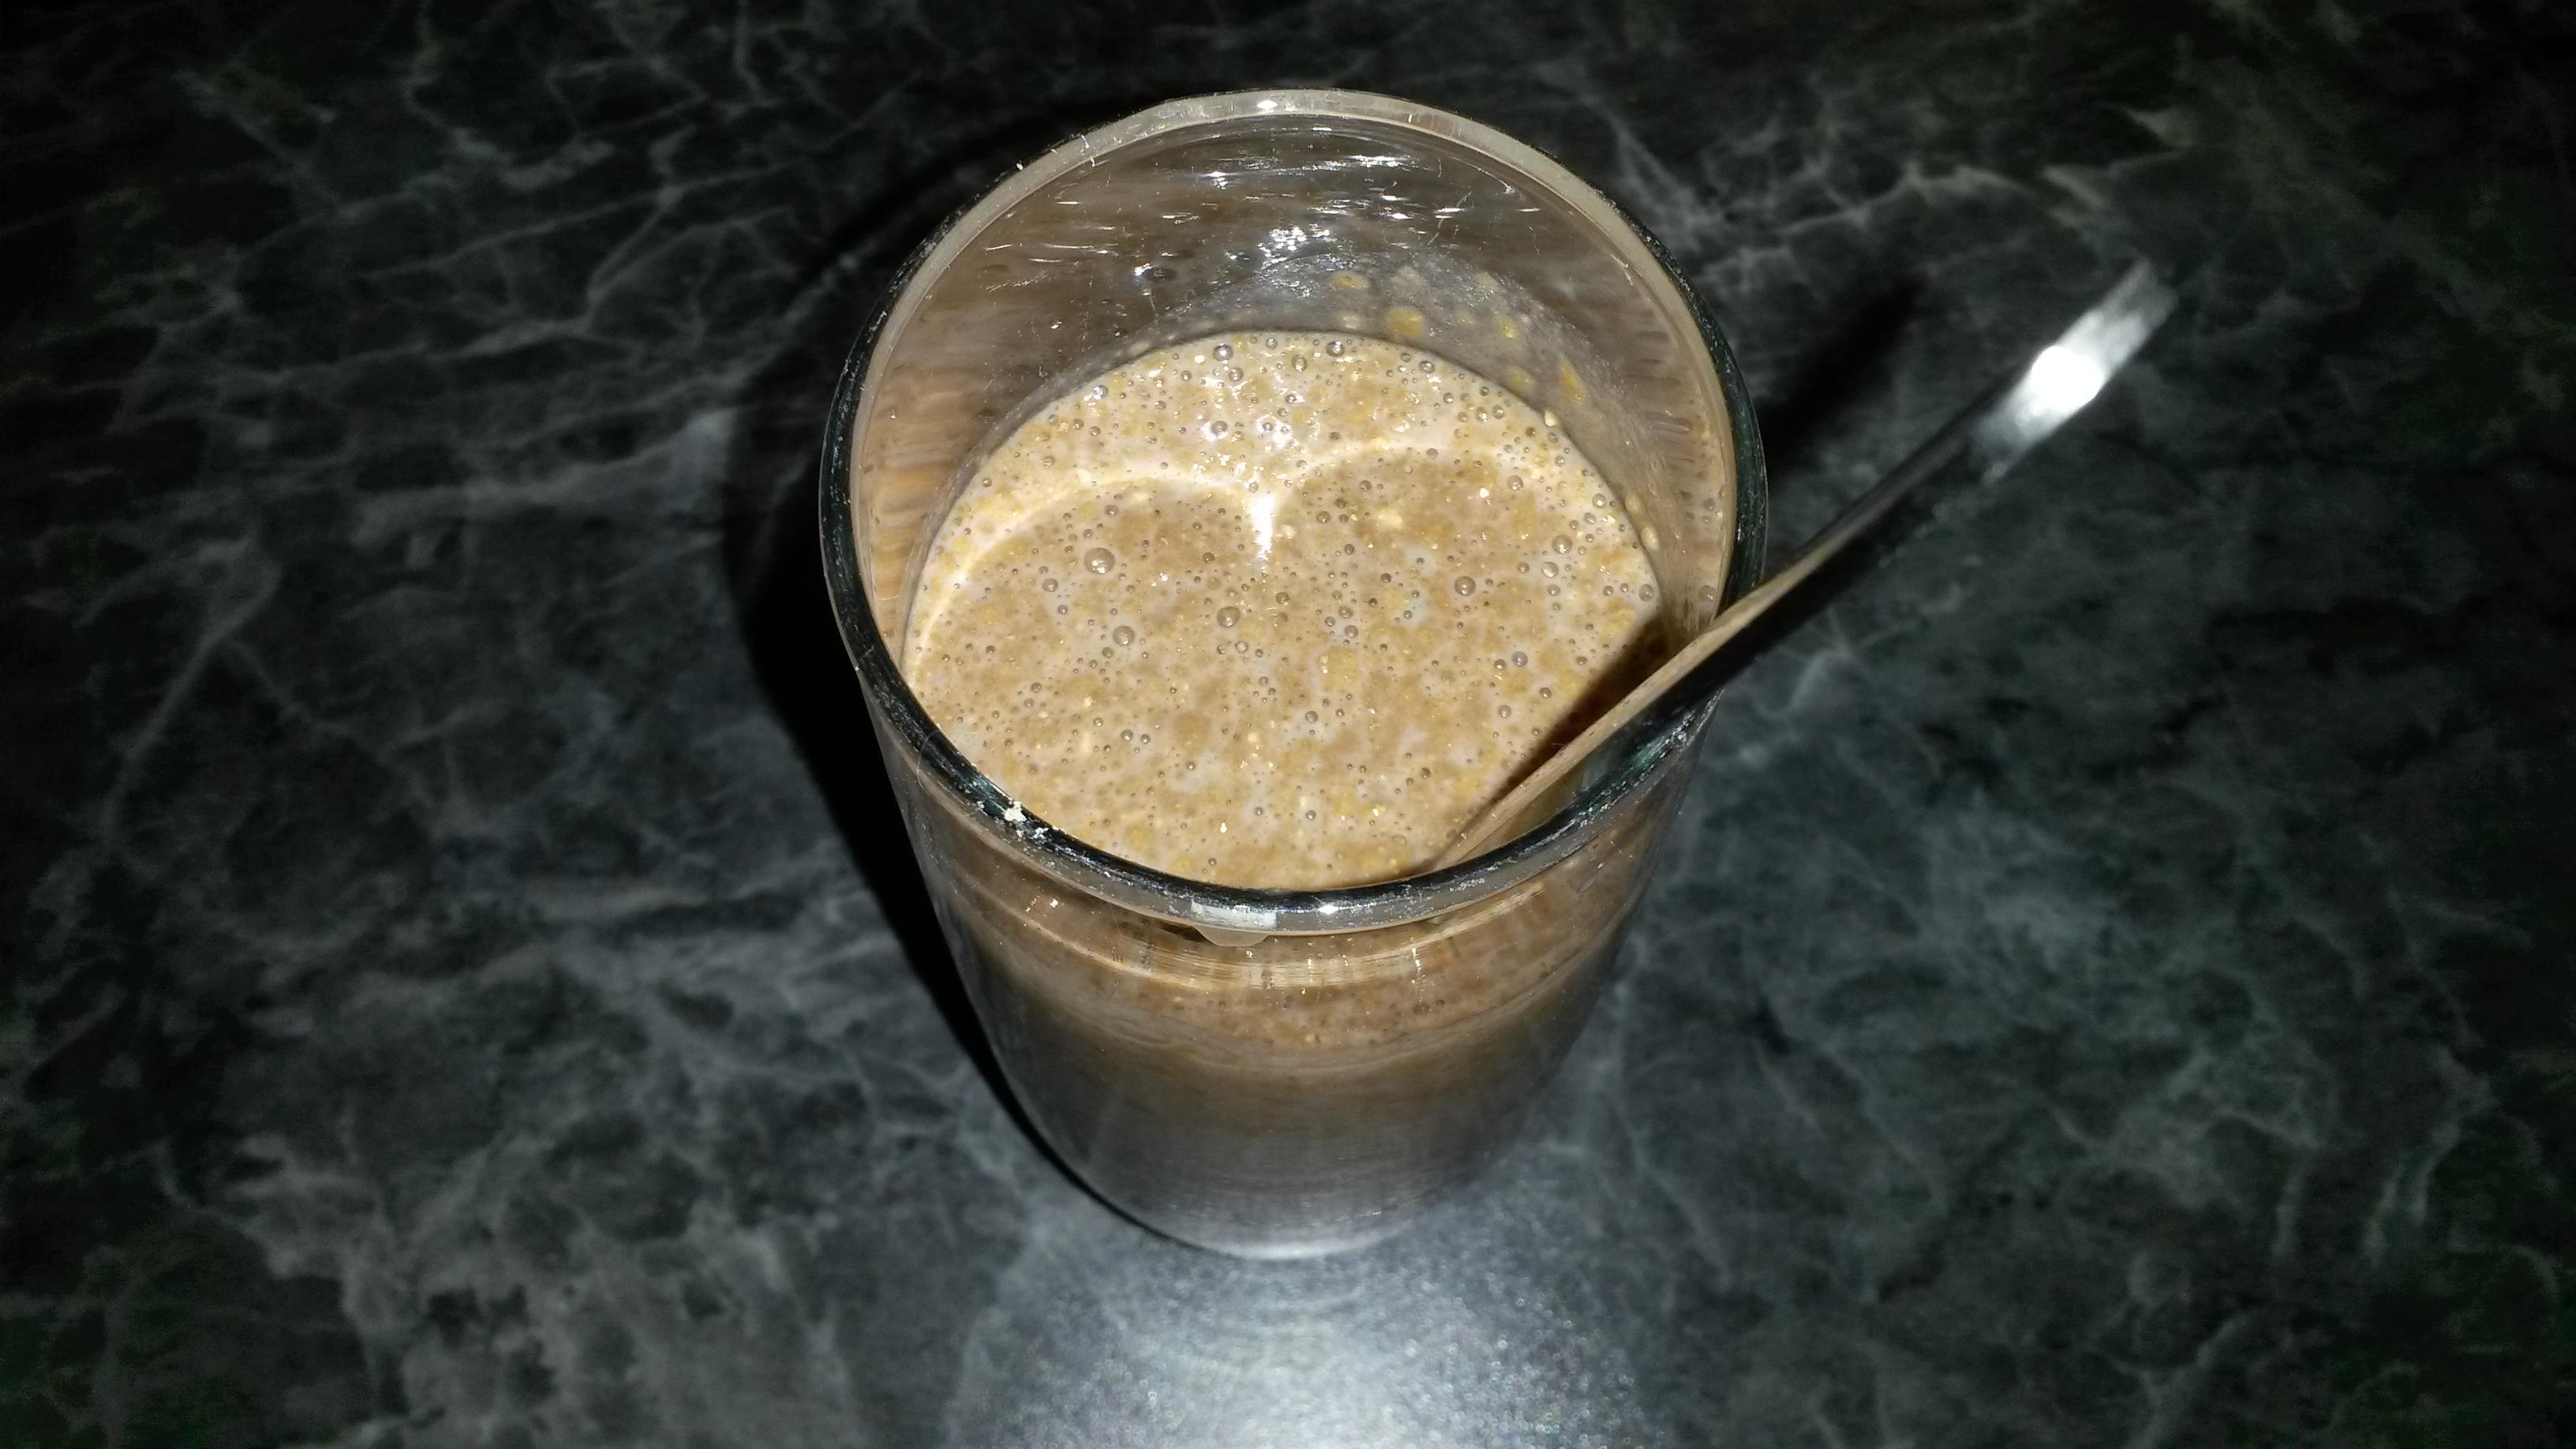 http://foodloader.net/sk0r_2014-02-12_Proteinshake.jpg